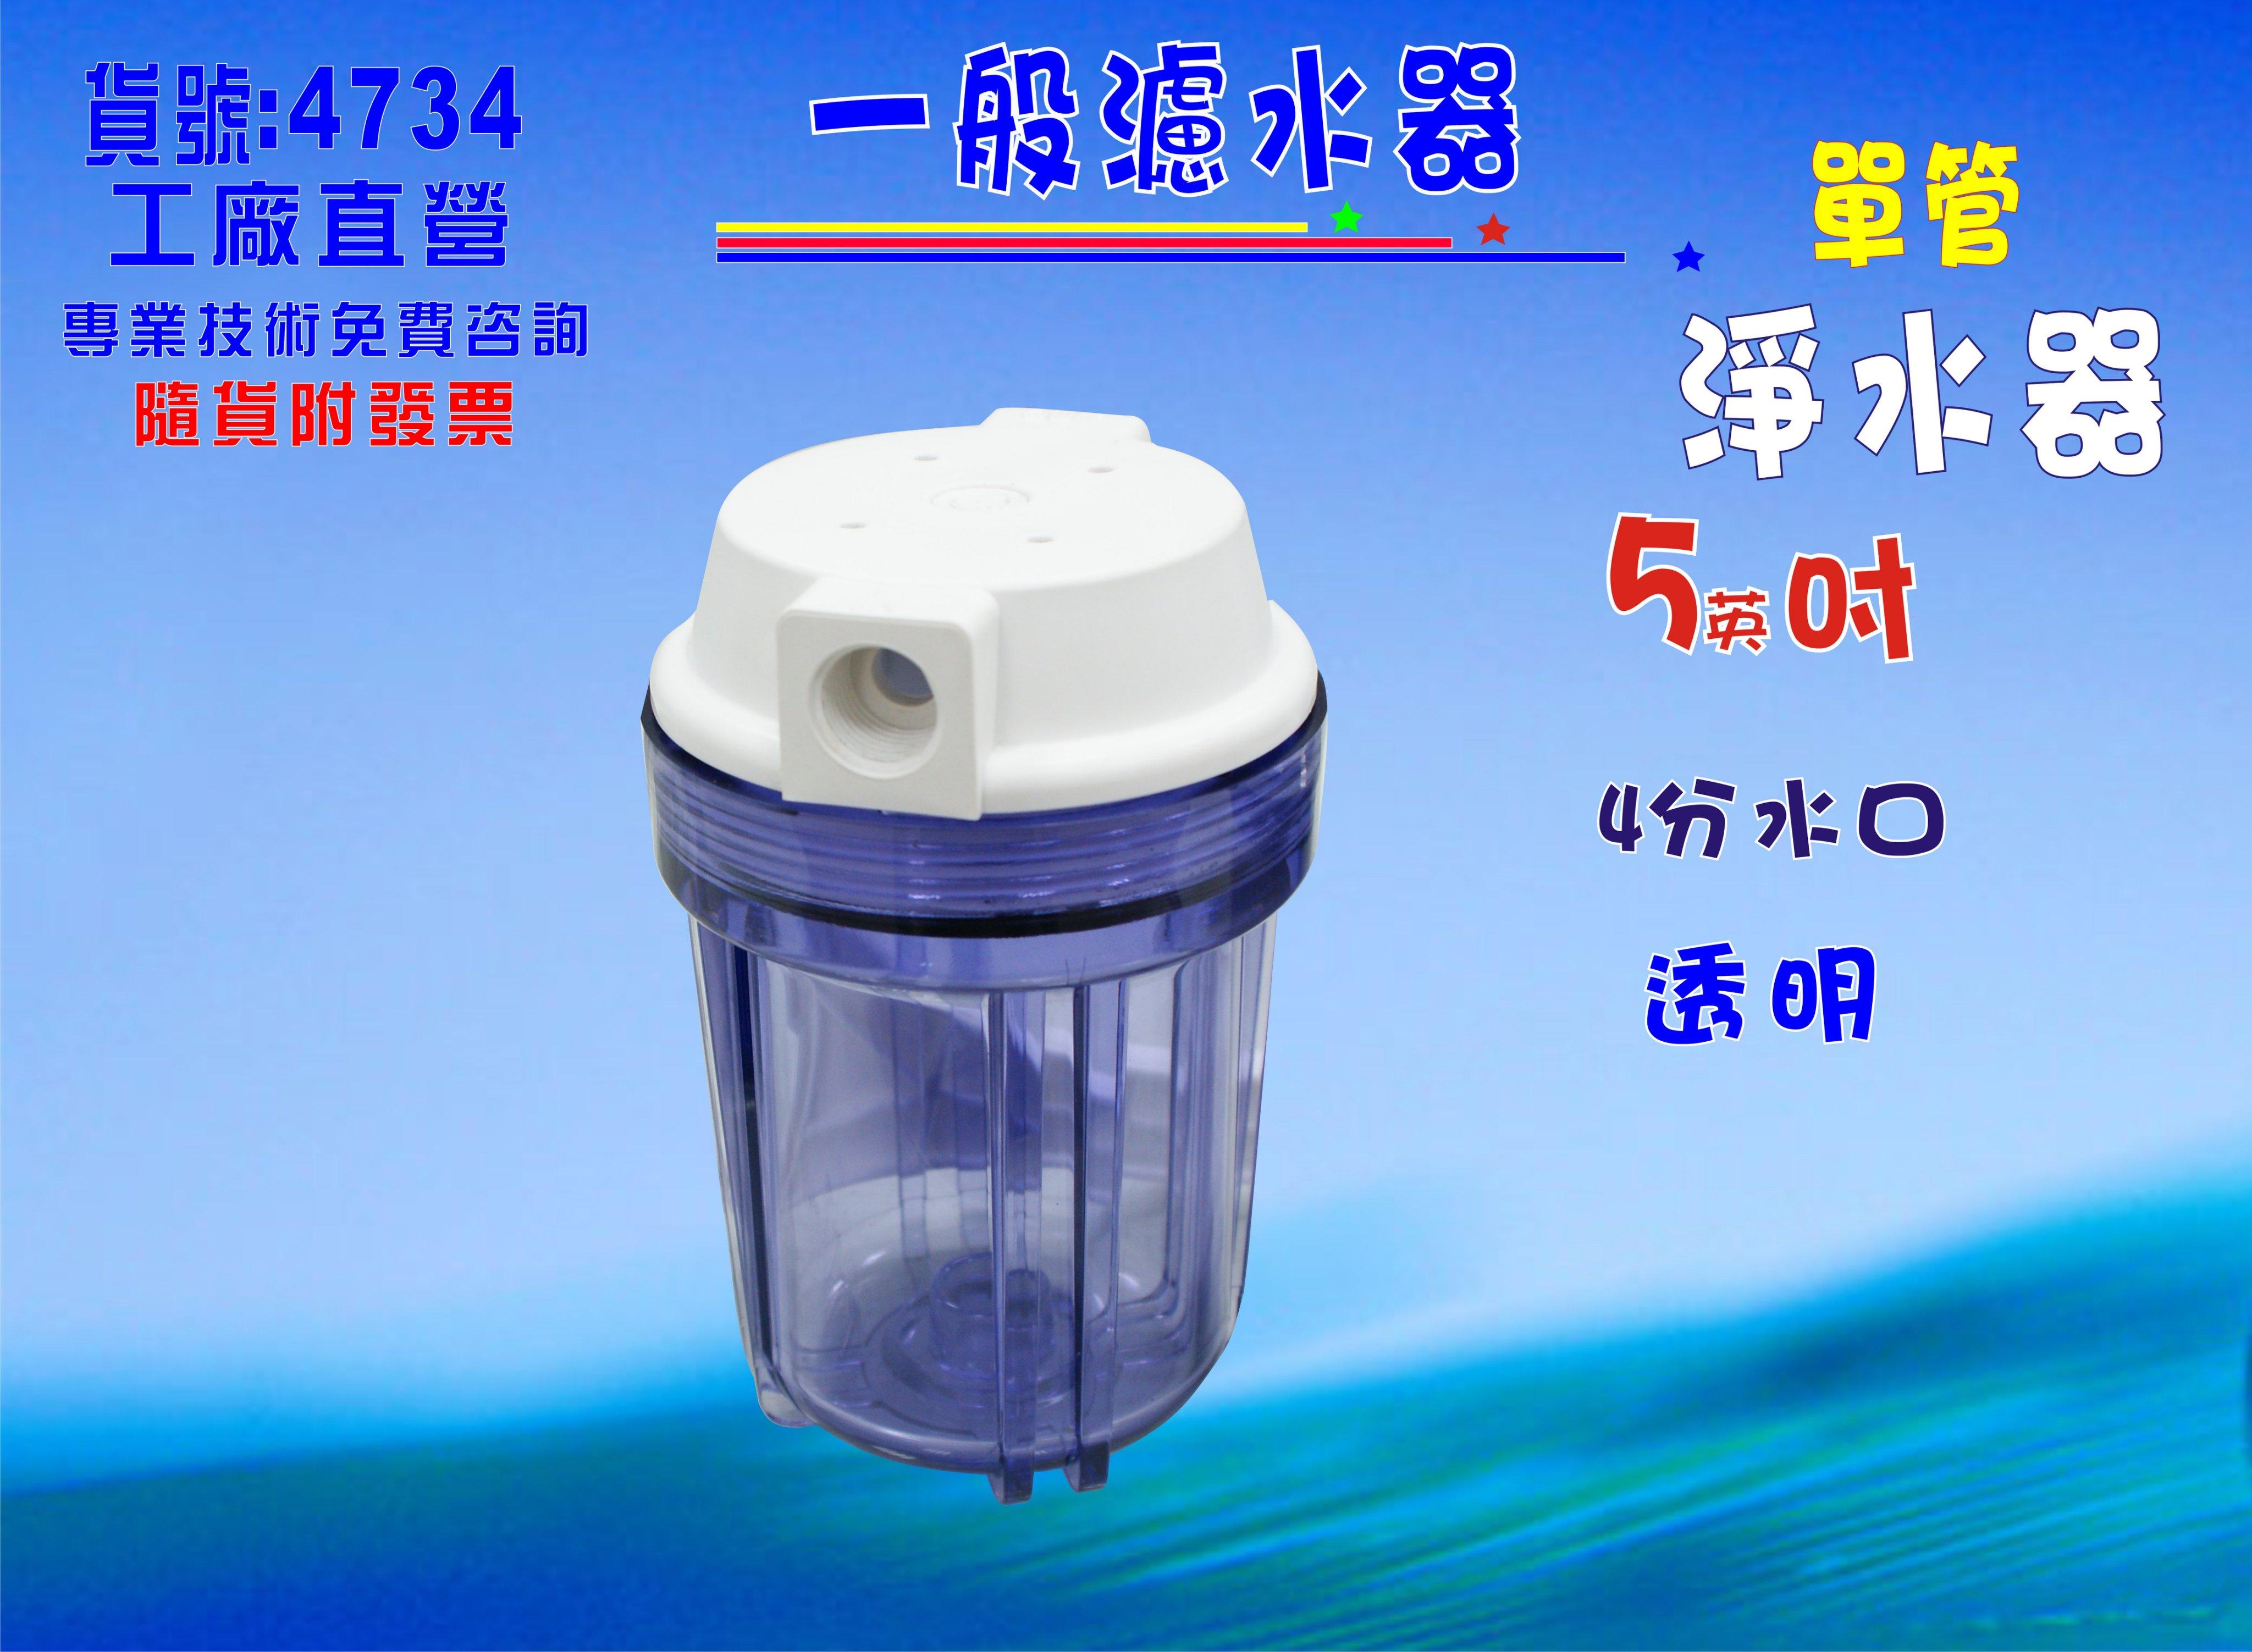 【七星洋淨水】5英吋透明濾殼4分.5英吋PP綿濾心.RO濾水器.淨水器.魚缸濾水.電解水機.水塔過濾器.貨號:4734